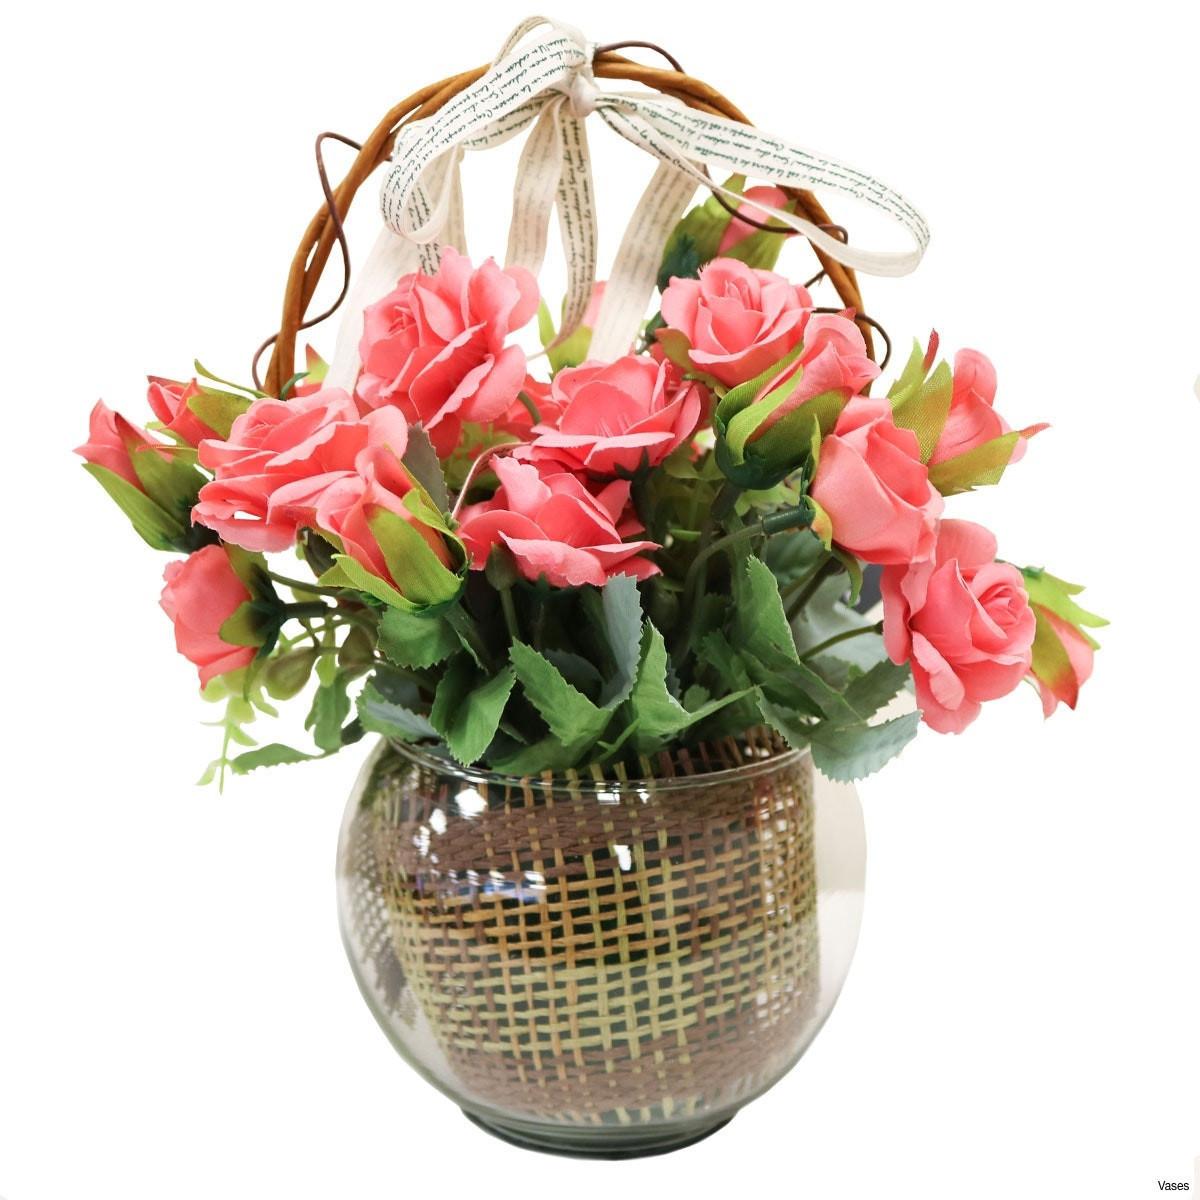 glass vase with lid of 30 elegant flower basket decoration flower decoration ideas throughout bf142 11km 1200x1200h vases pink flower vase i 0d gold inspiration